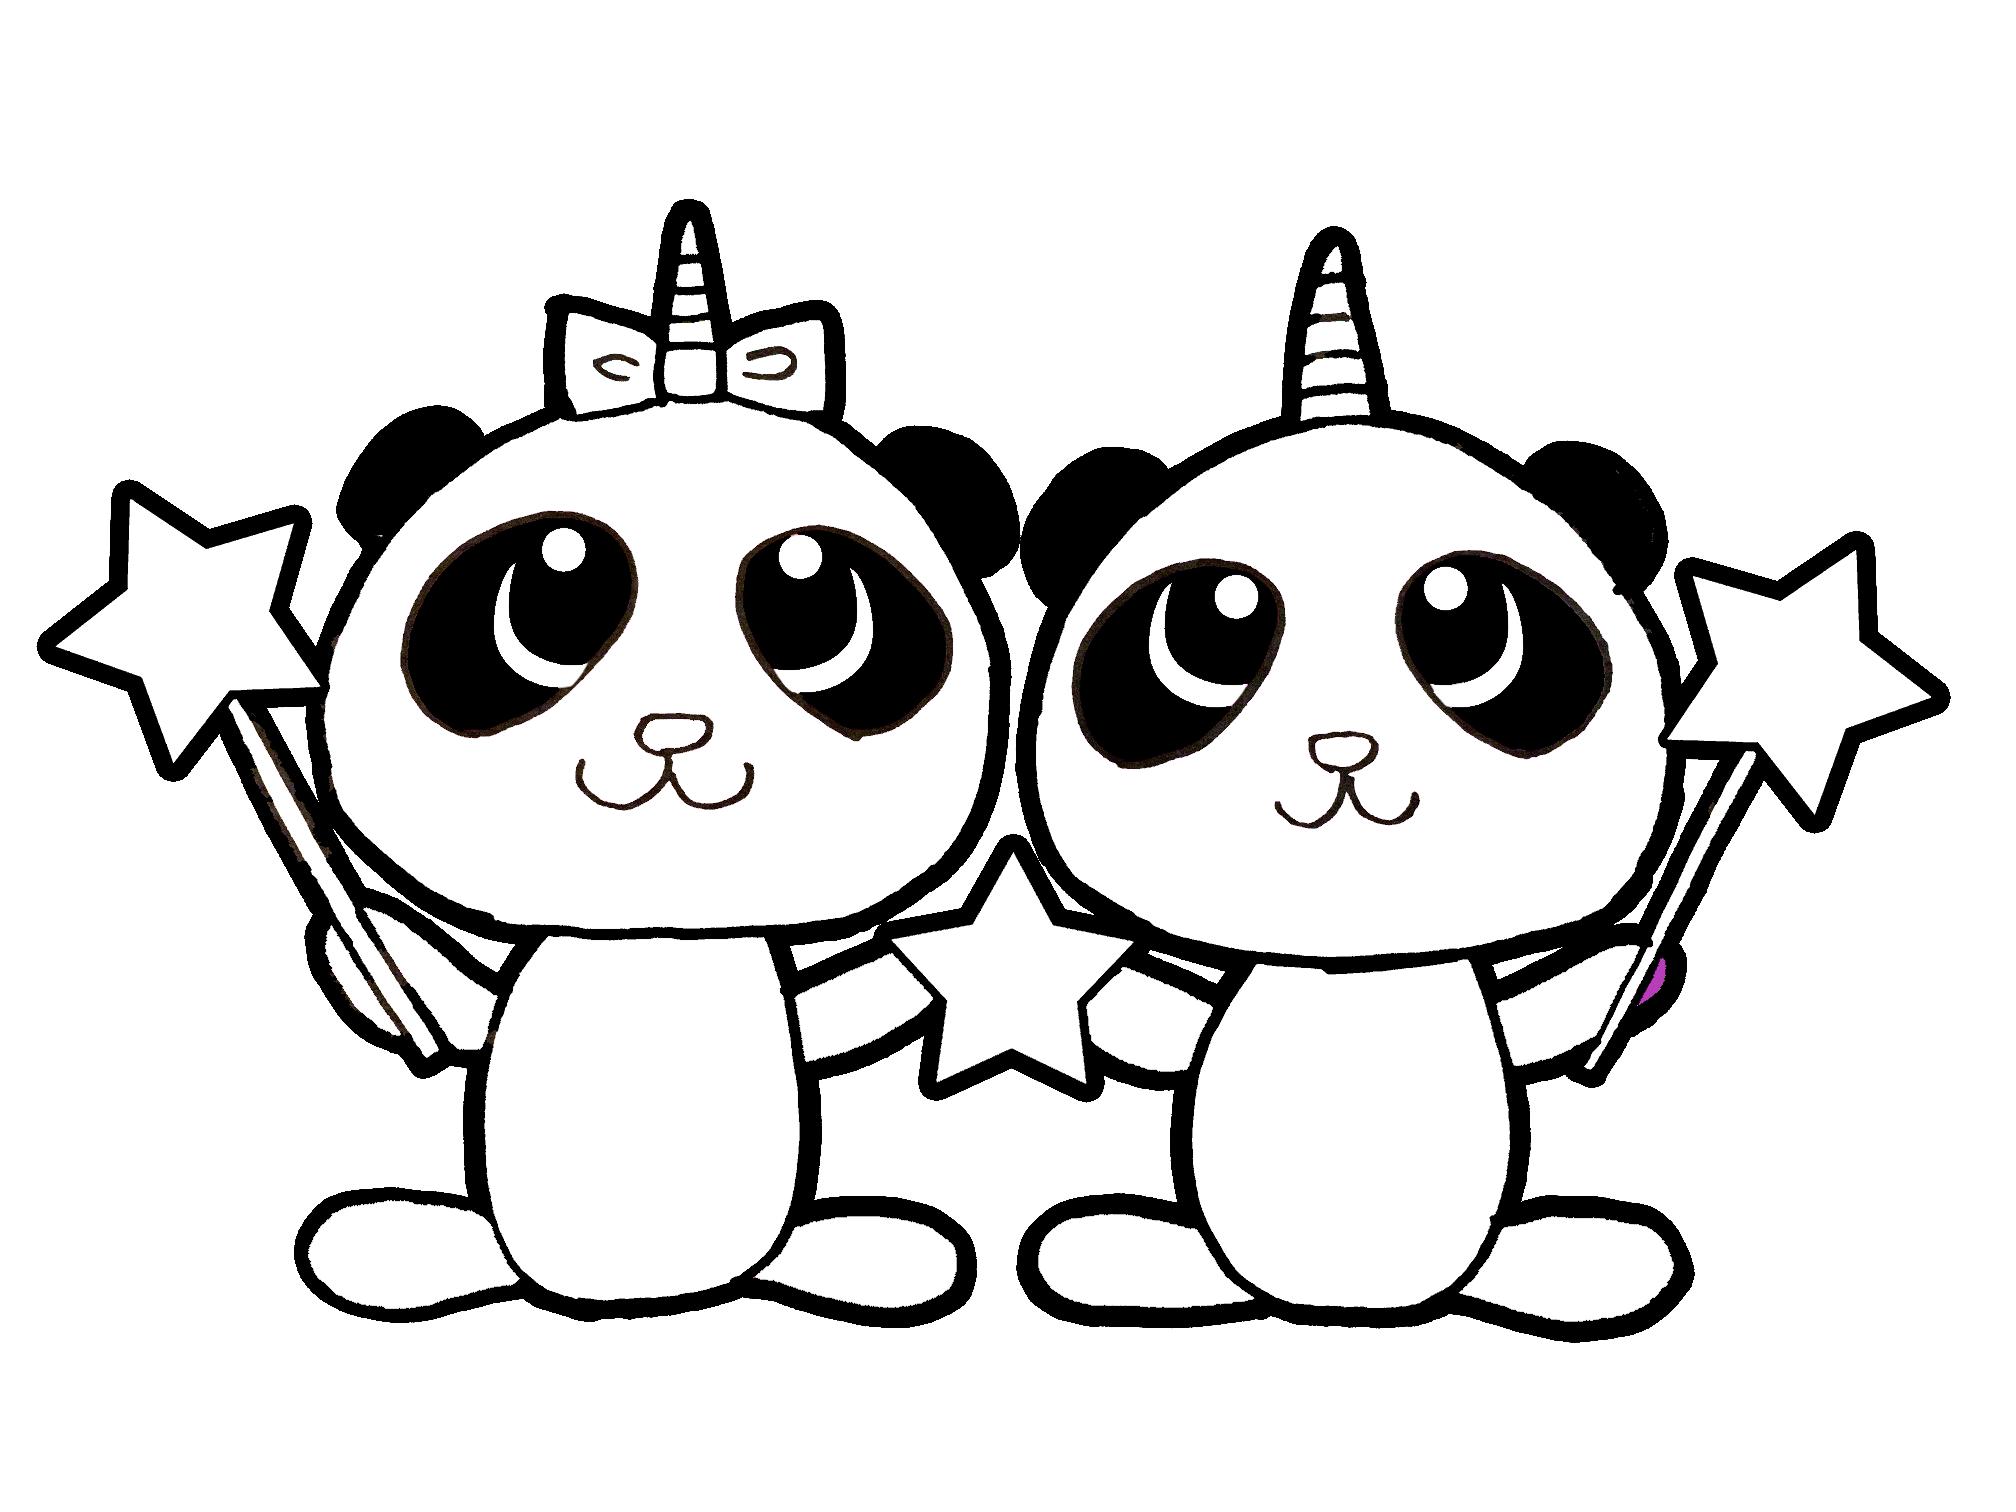 Free Coloring Page Panda Unicorn Pandacorn Unipanda Twin Pandas Panda Bff Unicorn Coloring Pages Free Coloring Free Coloring Pages